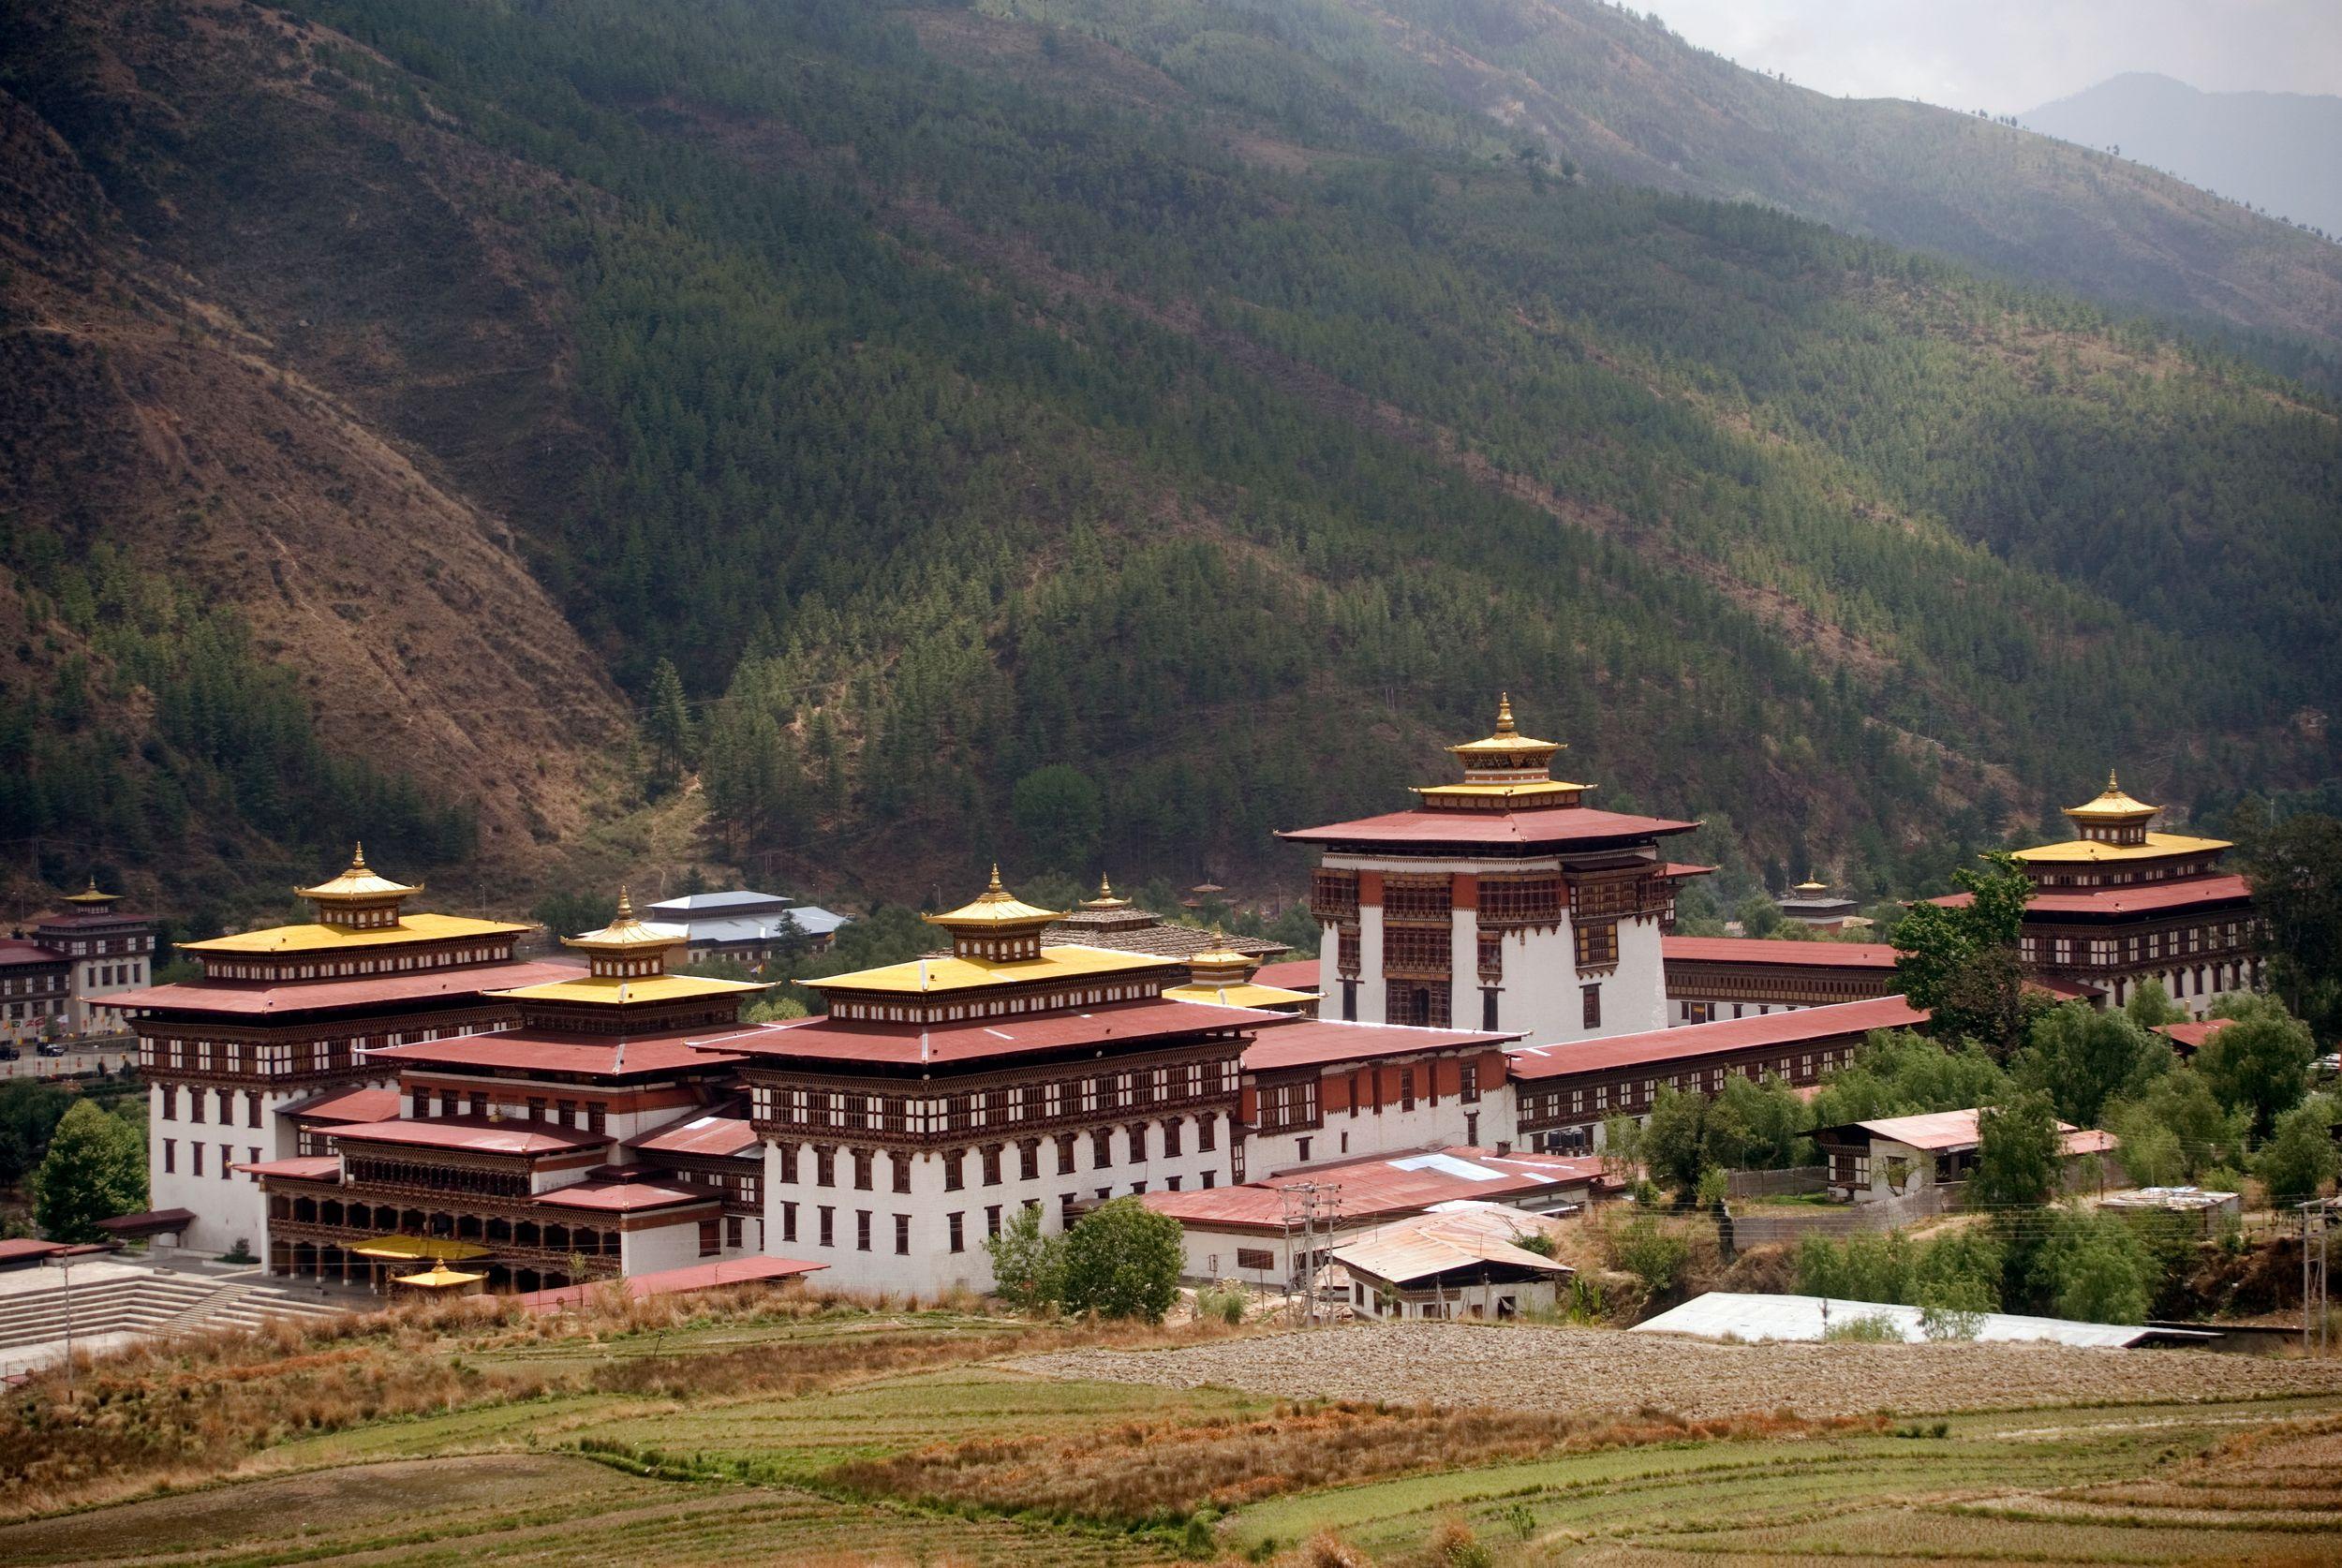 Sehenswürdigkeiten Bhutan: Dechencholing-Palast und Kloster Tashichho Dzong, Thimphu